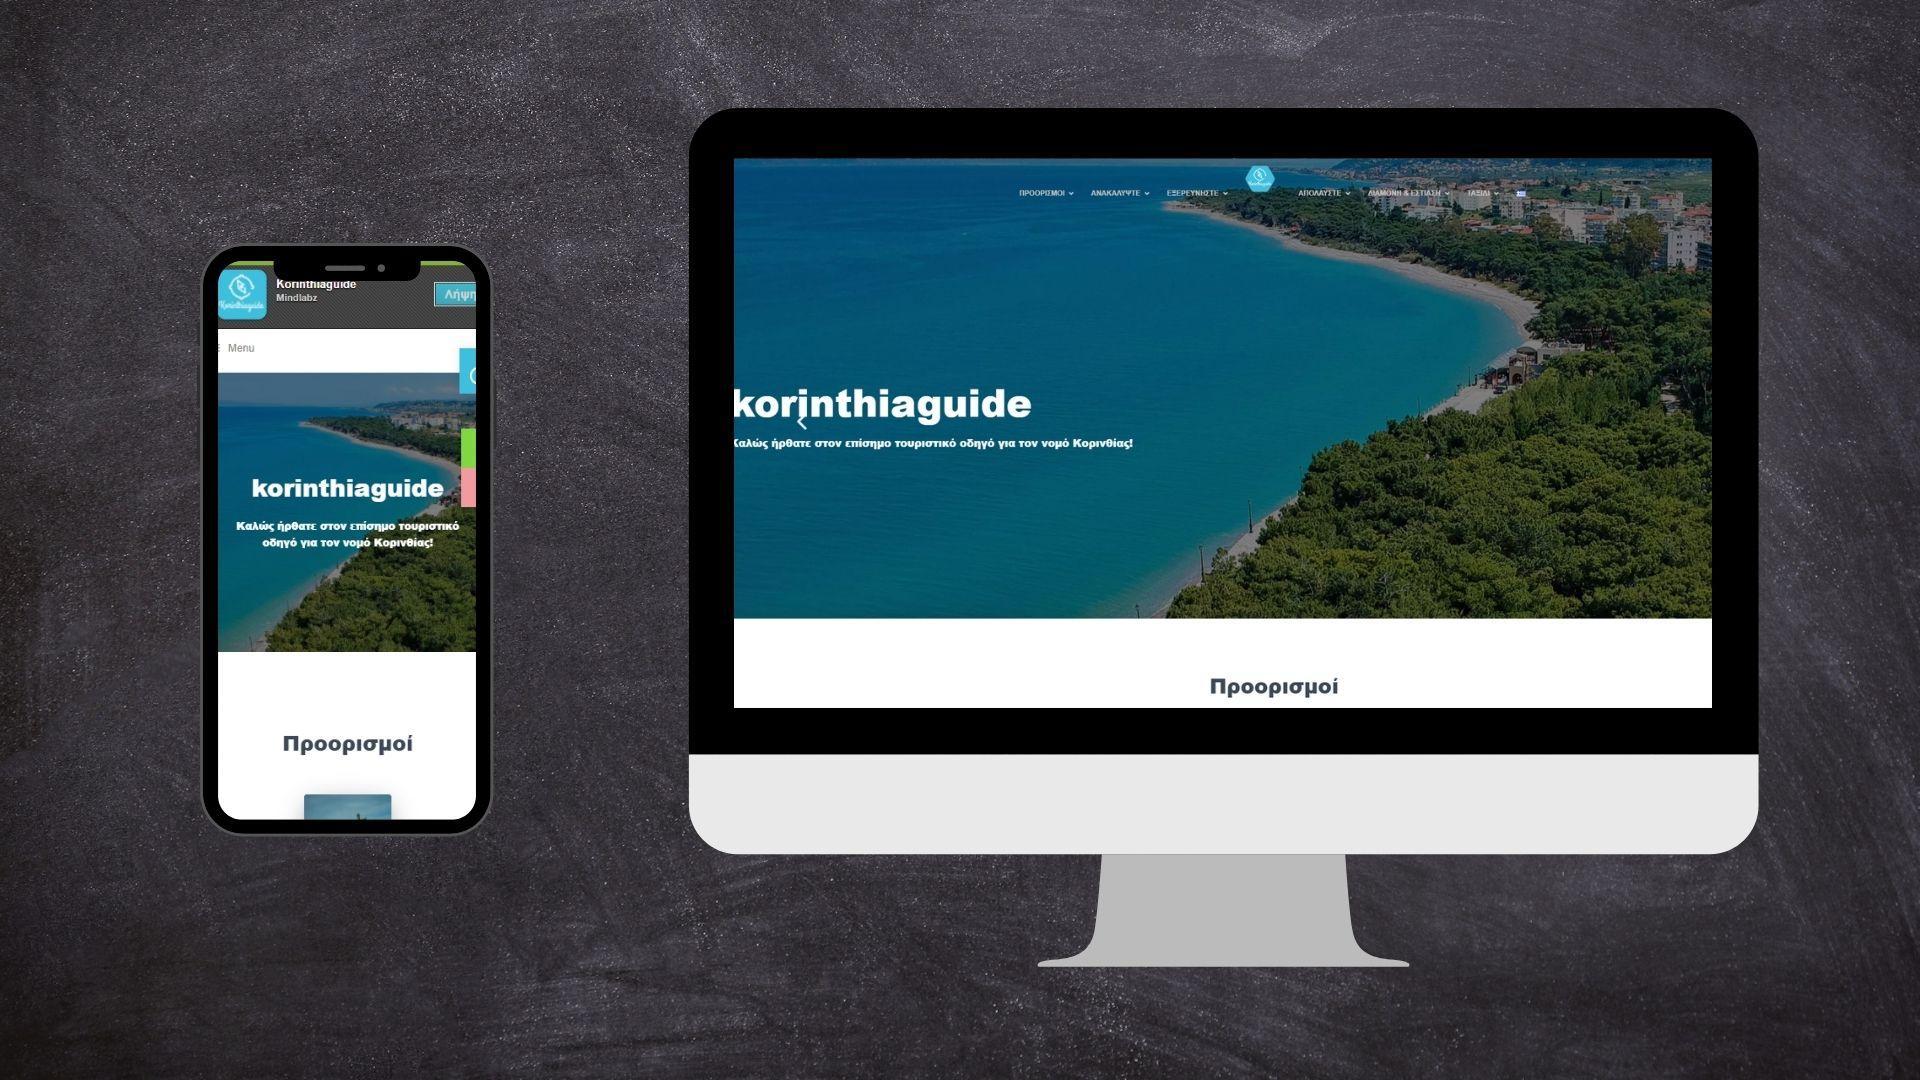 korinthiaguide.com